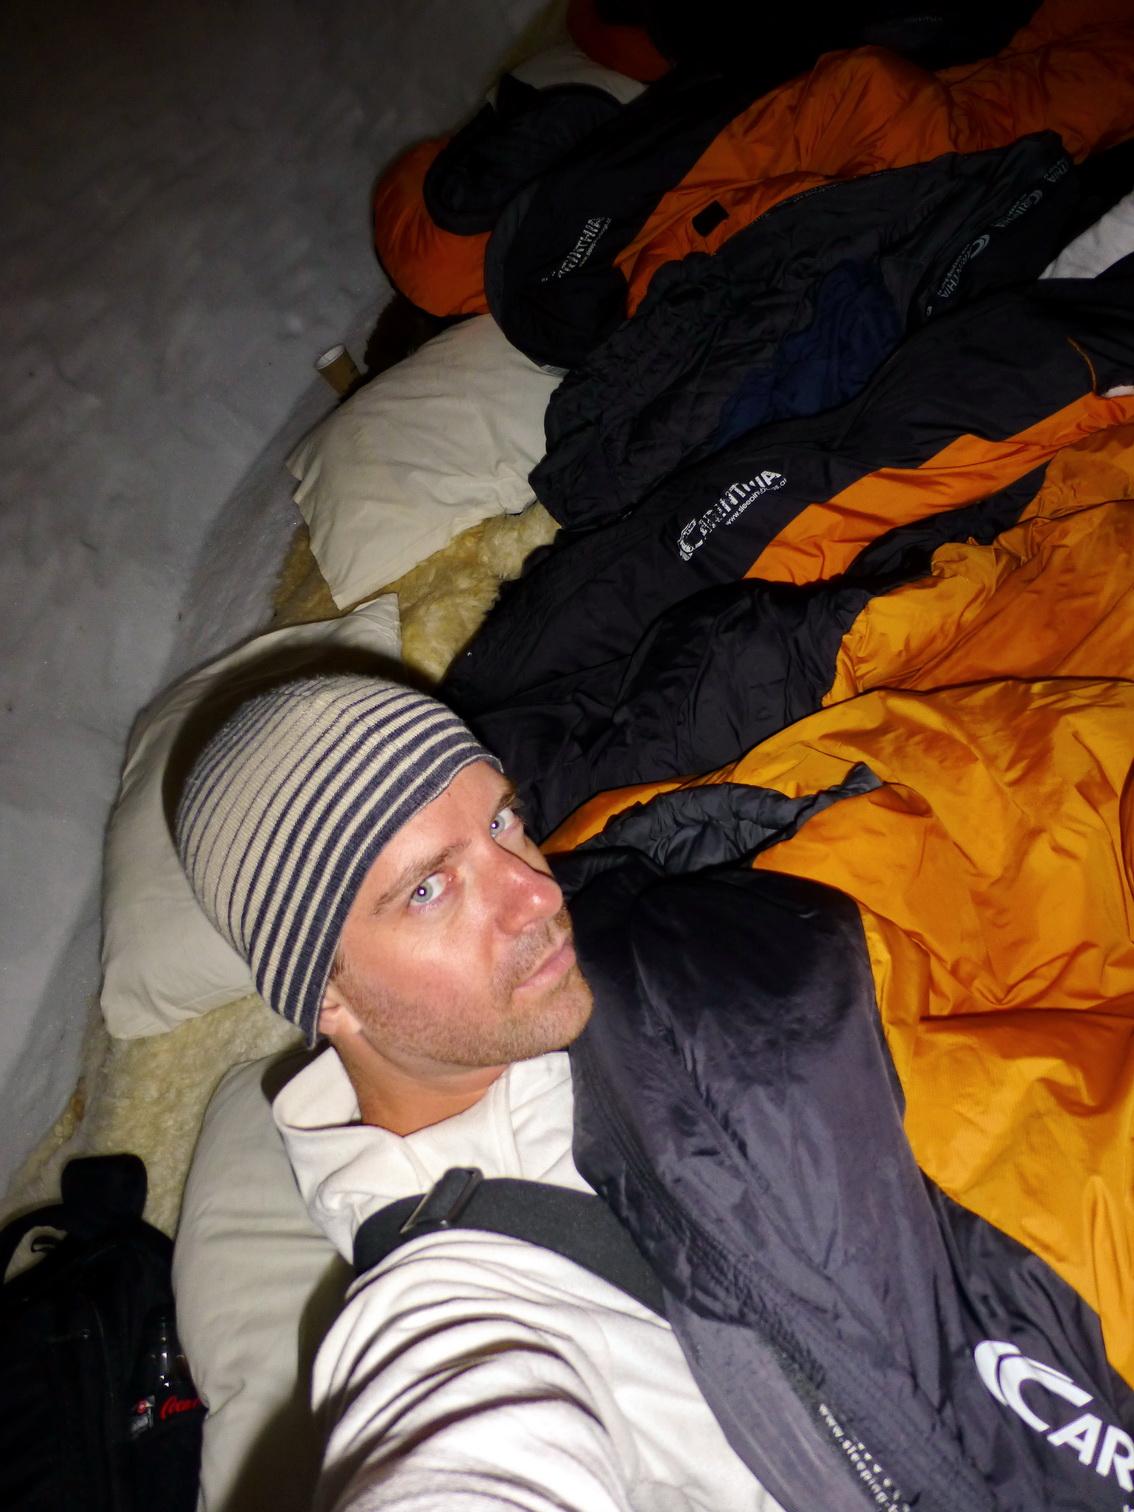 reggeli szelfi - itt már felöltözve visszabújtam az ágyba még egy pár percre